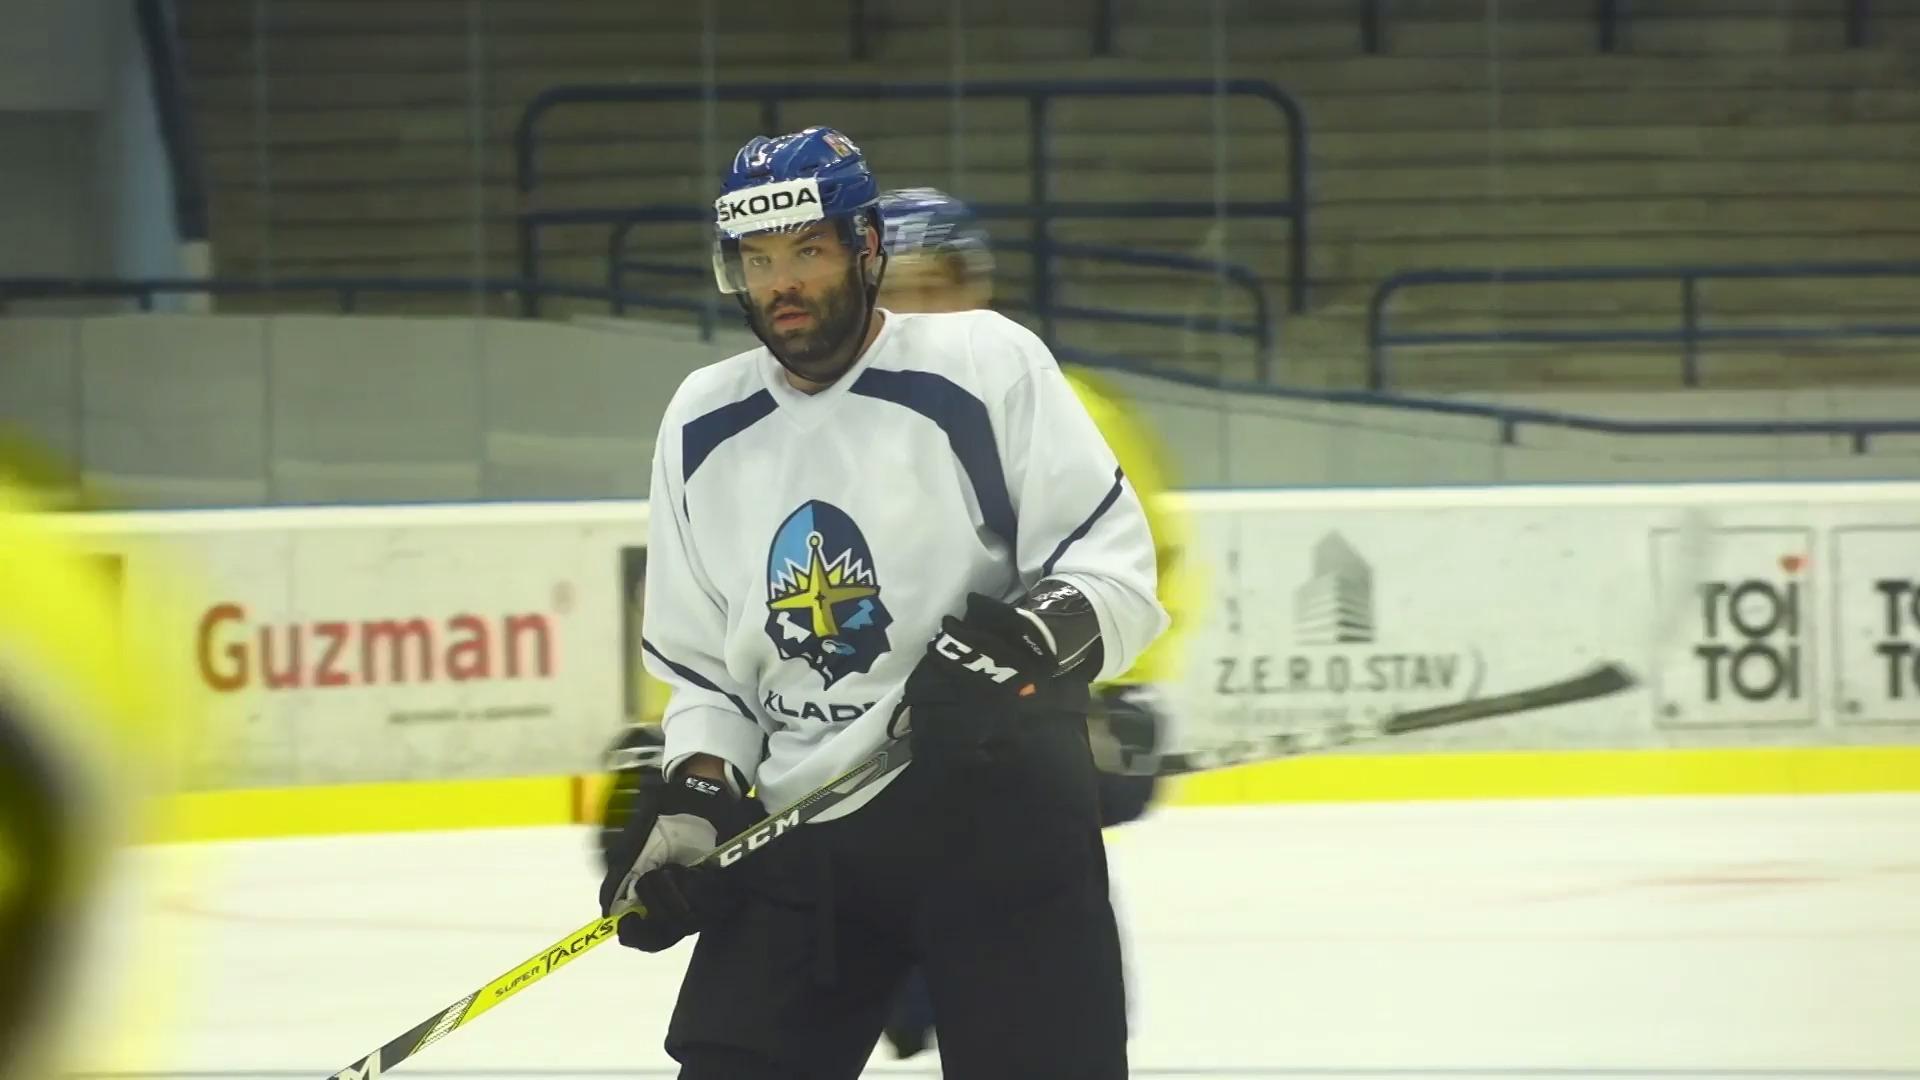 Jeho jméno je symbolem hokejové tvrdosti. Gudas promluvil o své pověsti i touze vyhrát Stanley Cup